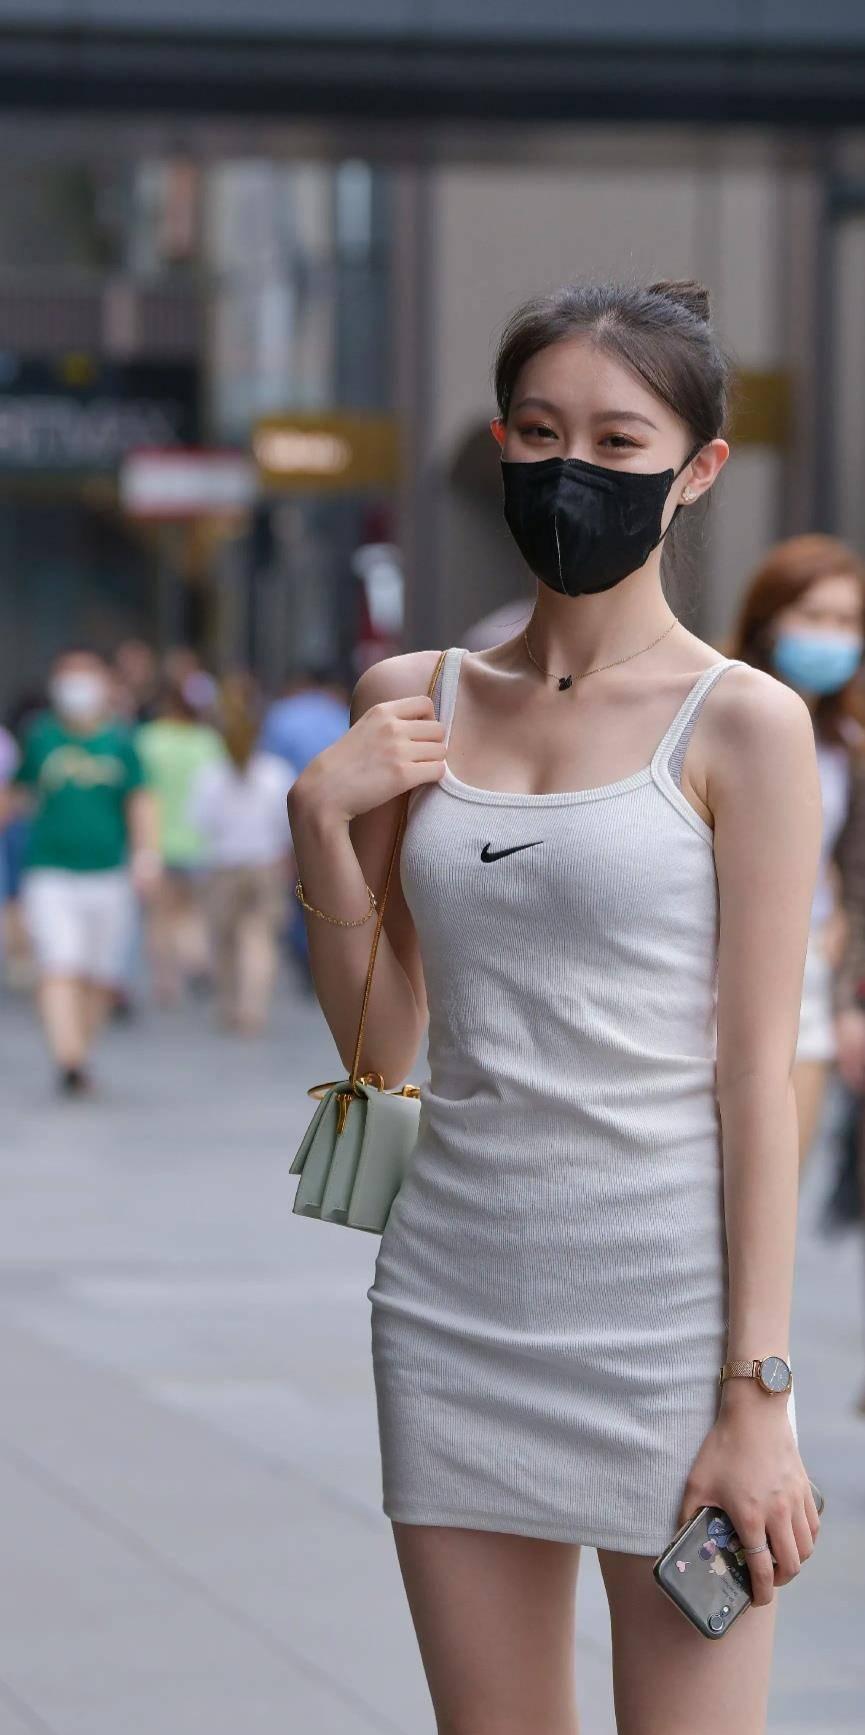 美女一身吊带连衣裙,尽显优雅气质,完美身材让人羡慕